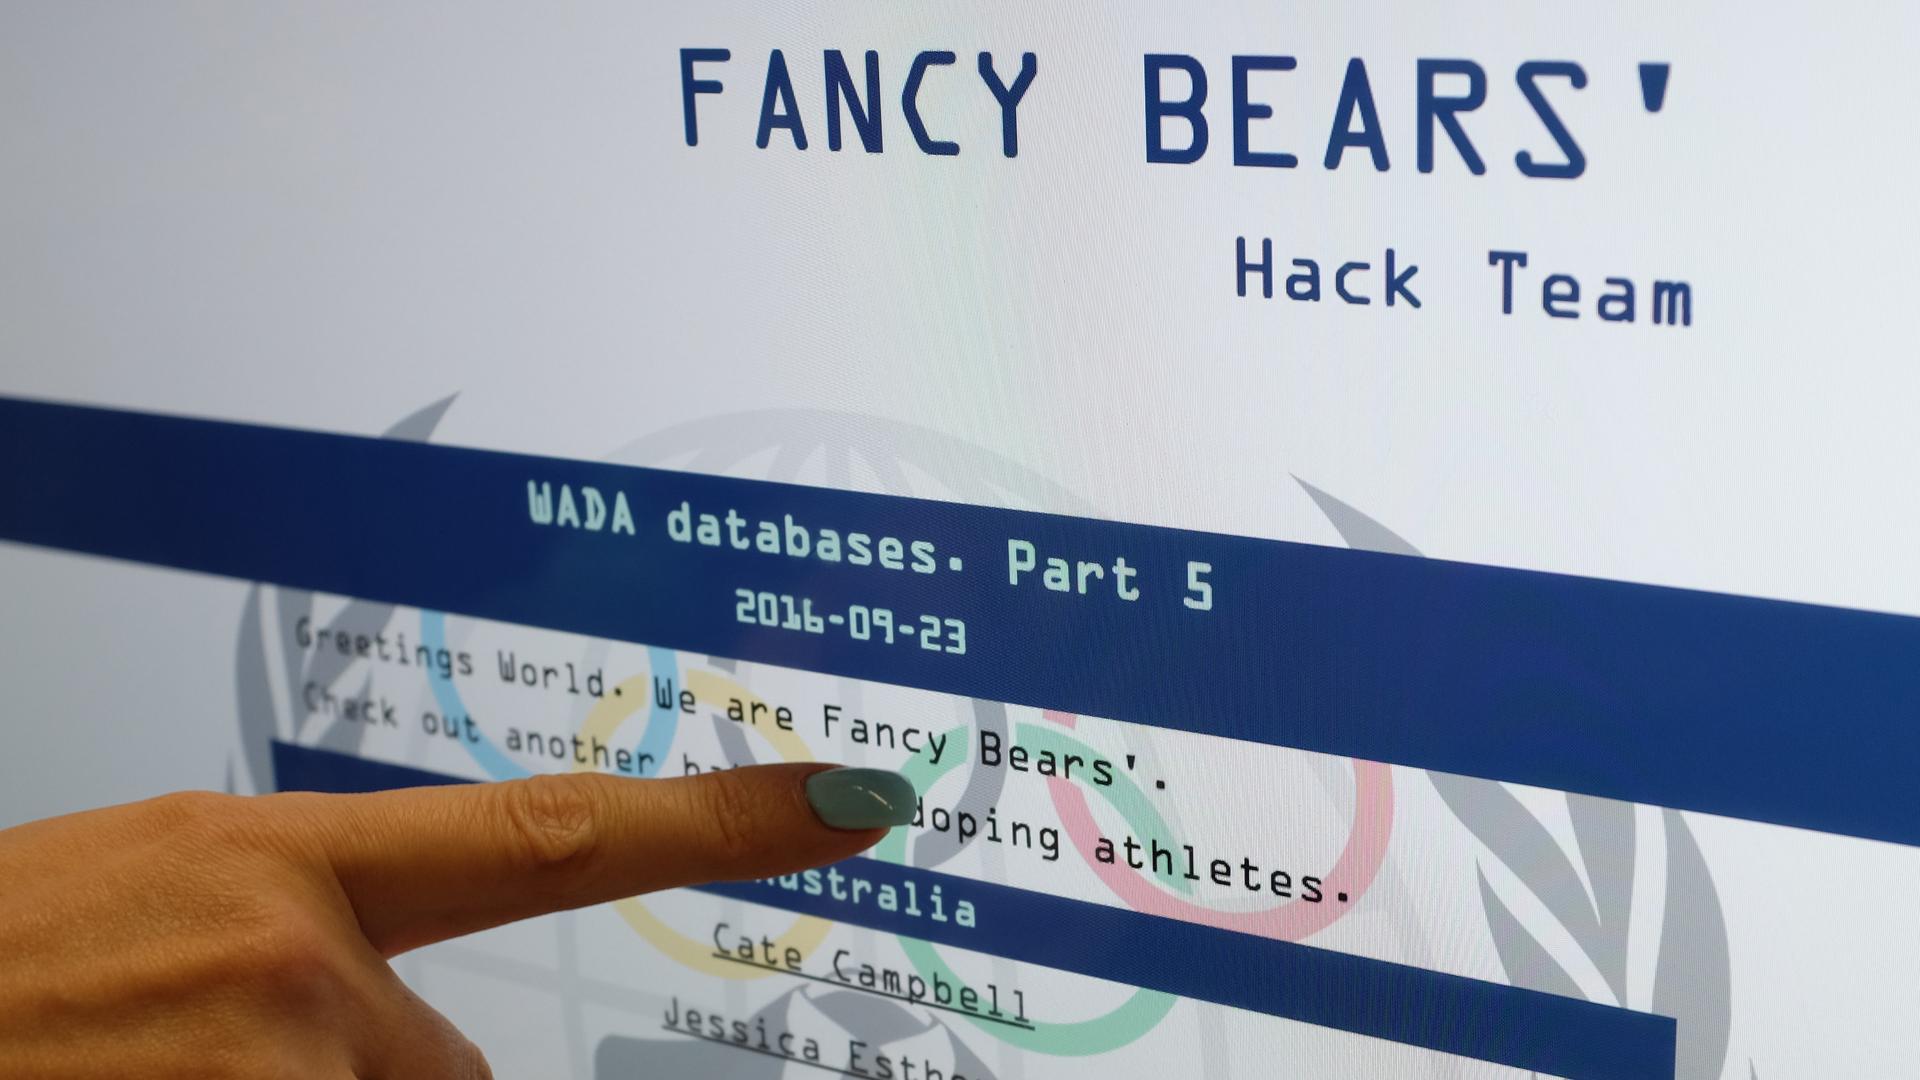 Хакеры Fancy Bears уличили ещё 41 спортсмена в употреблении допинга